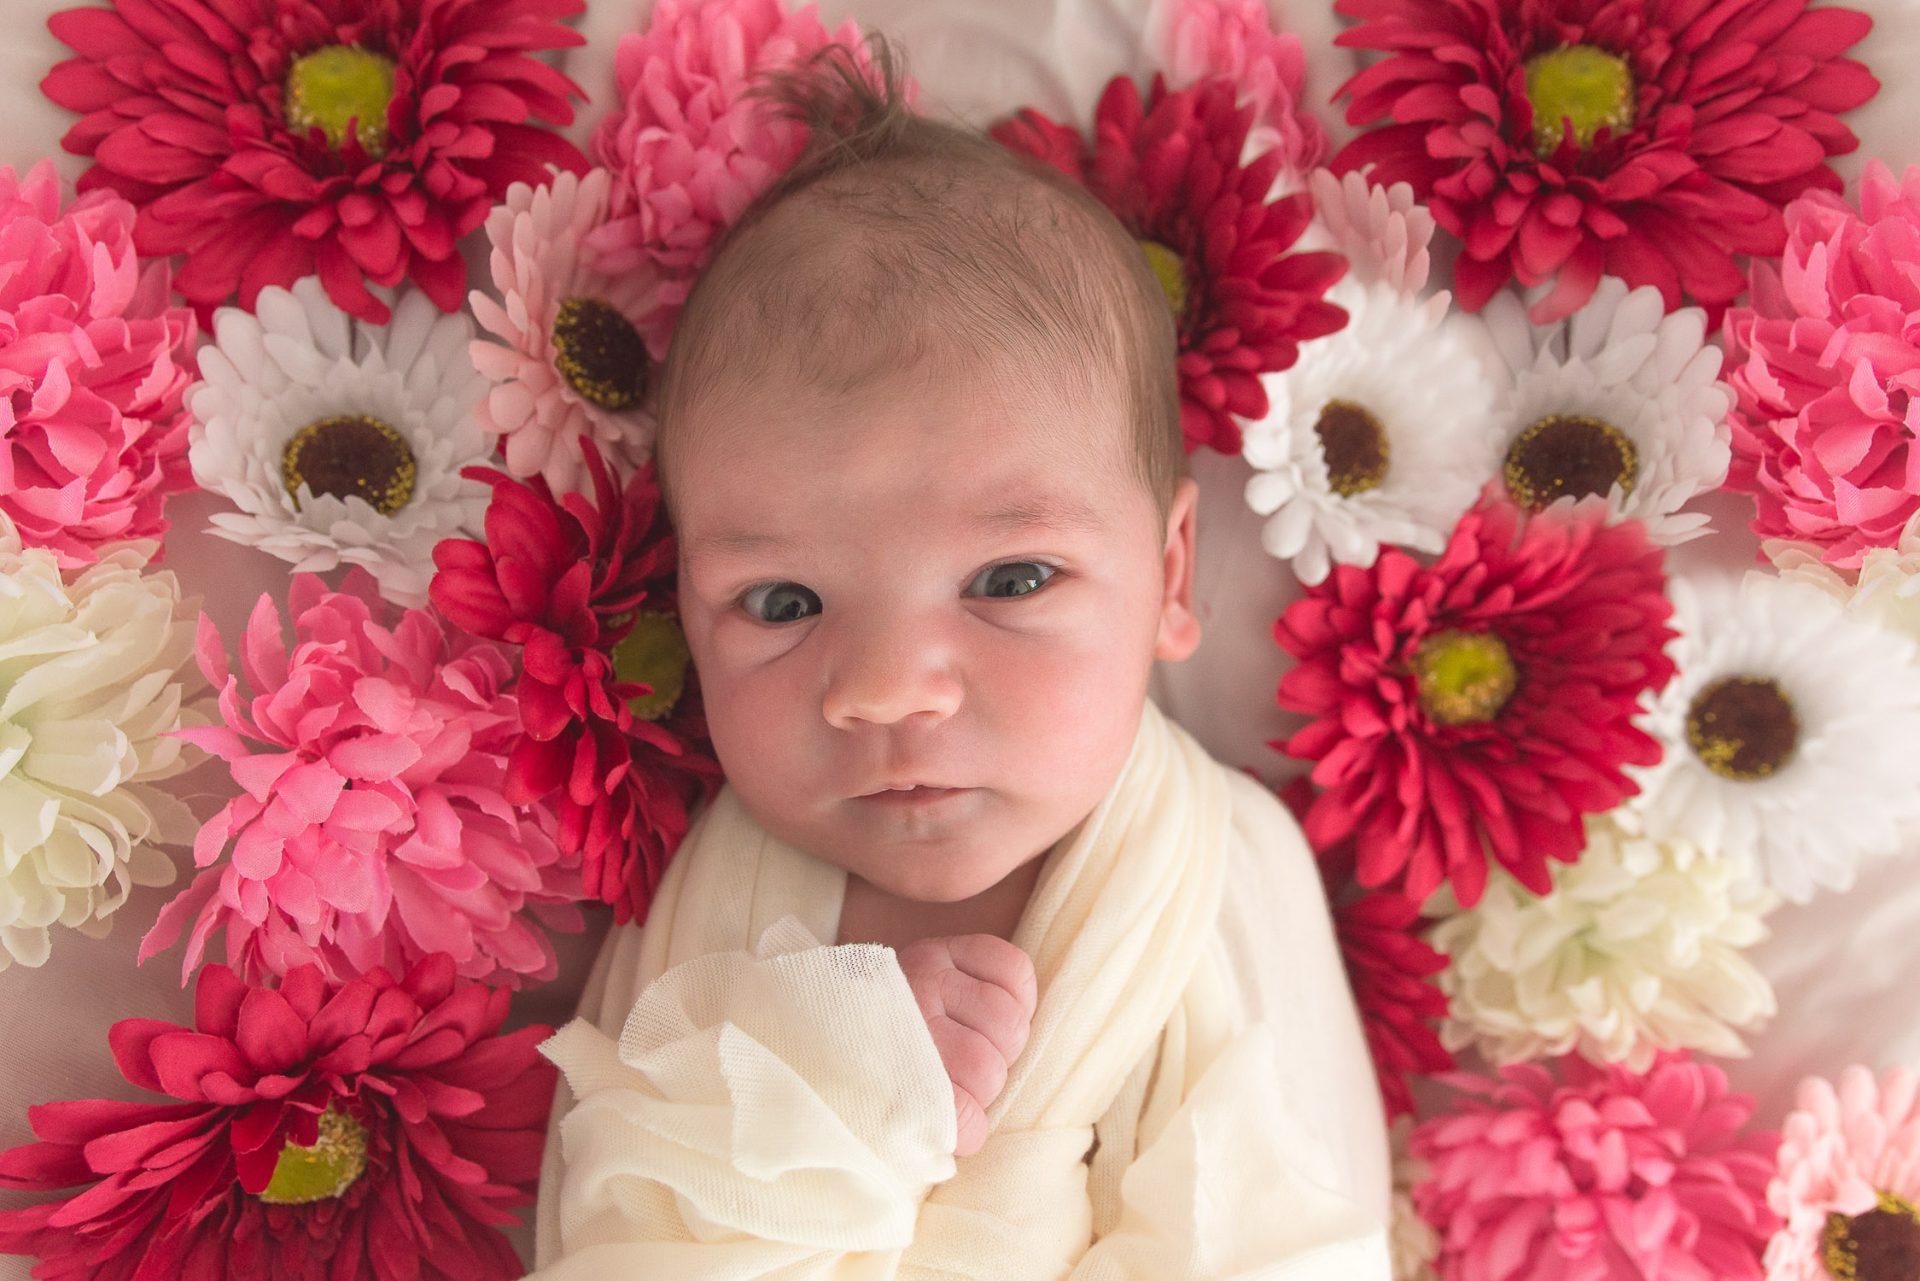 Fotografiranje novorojenčice v barviti in rožni sceni v objemu doma. Družina in družinska sreča.